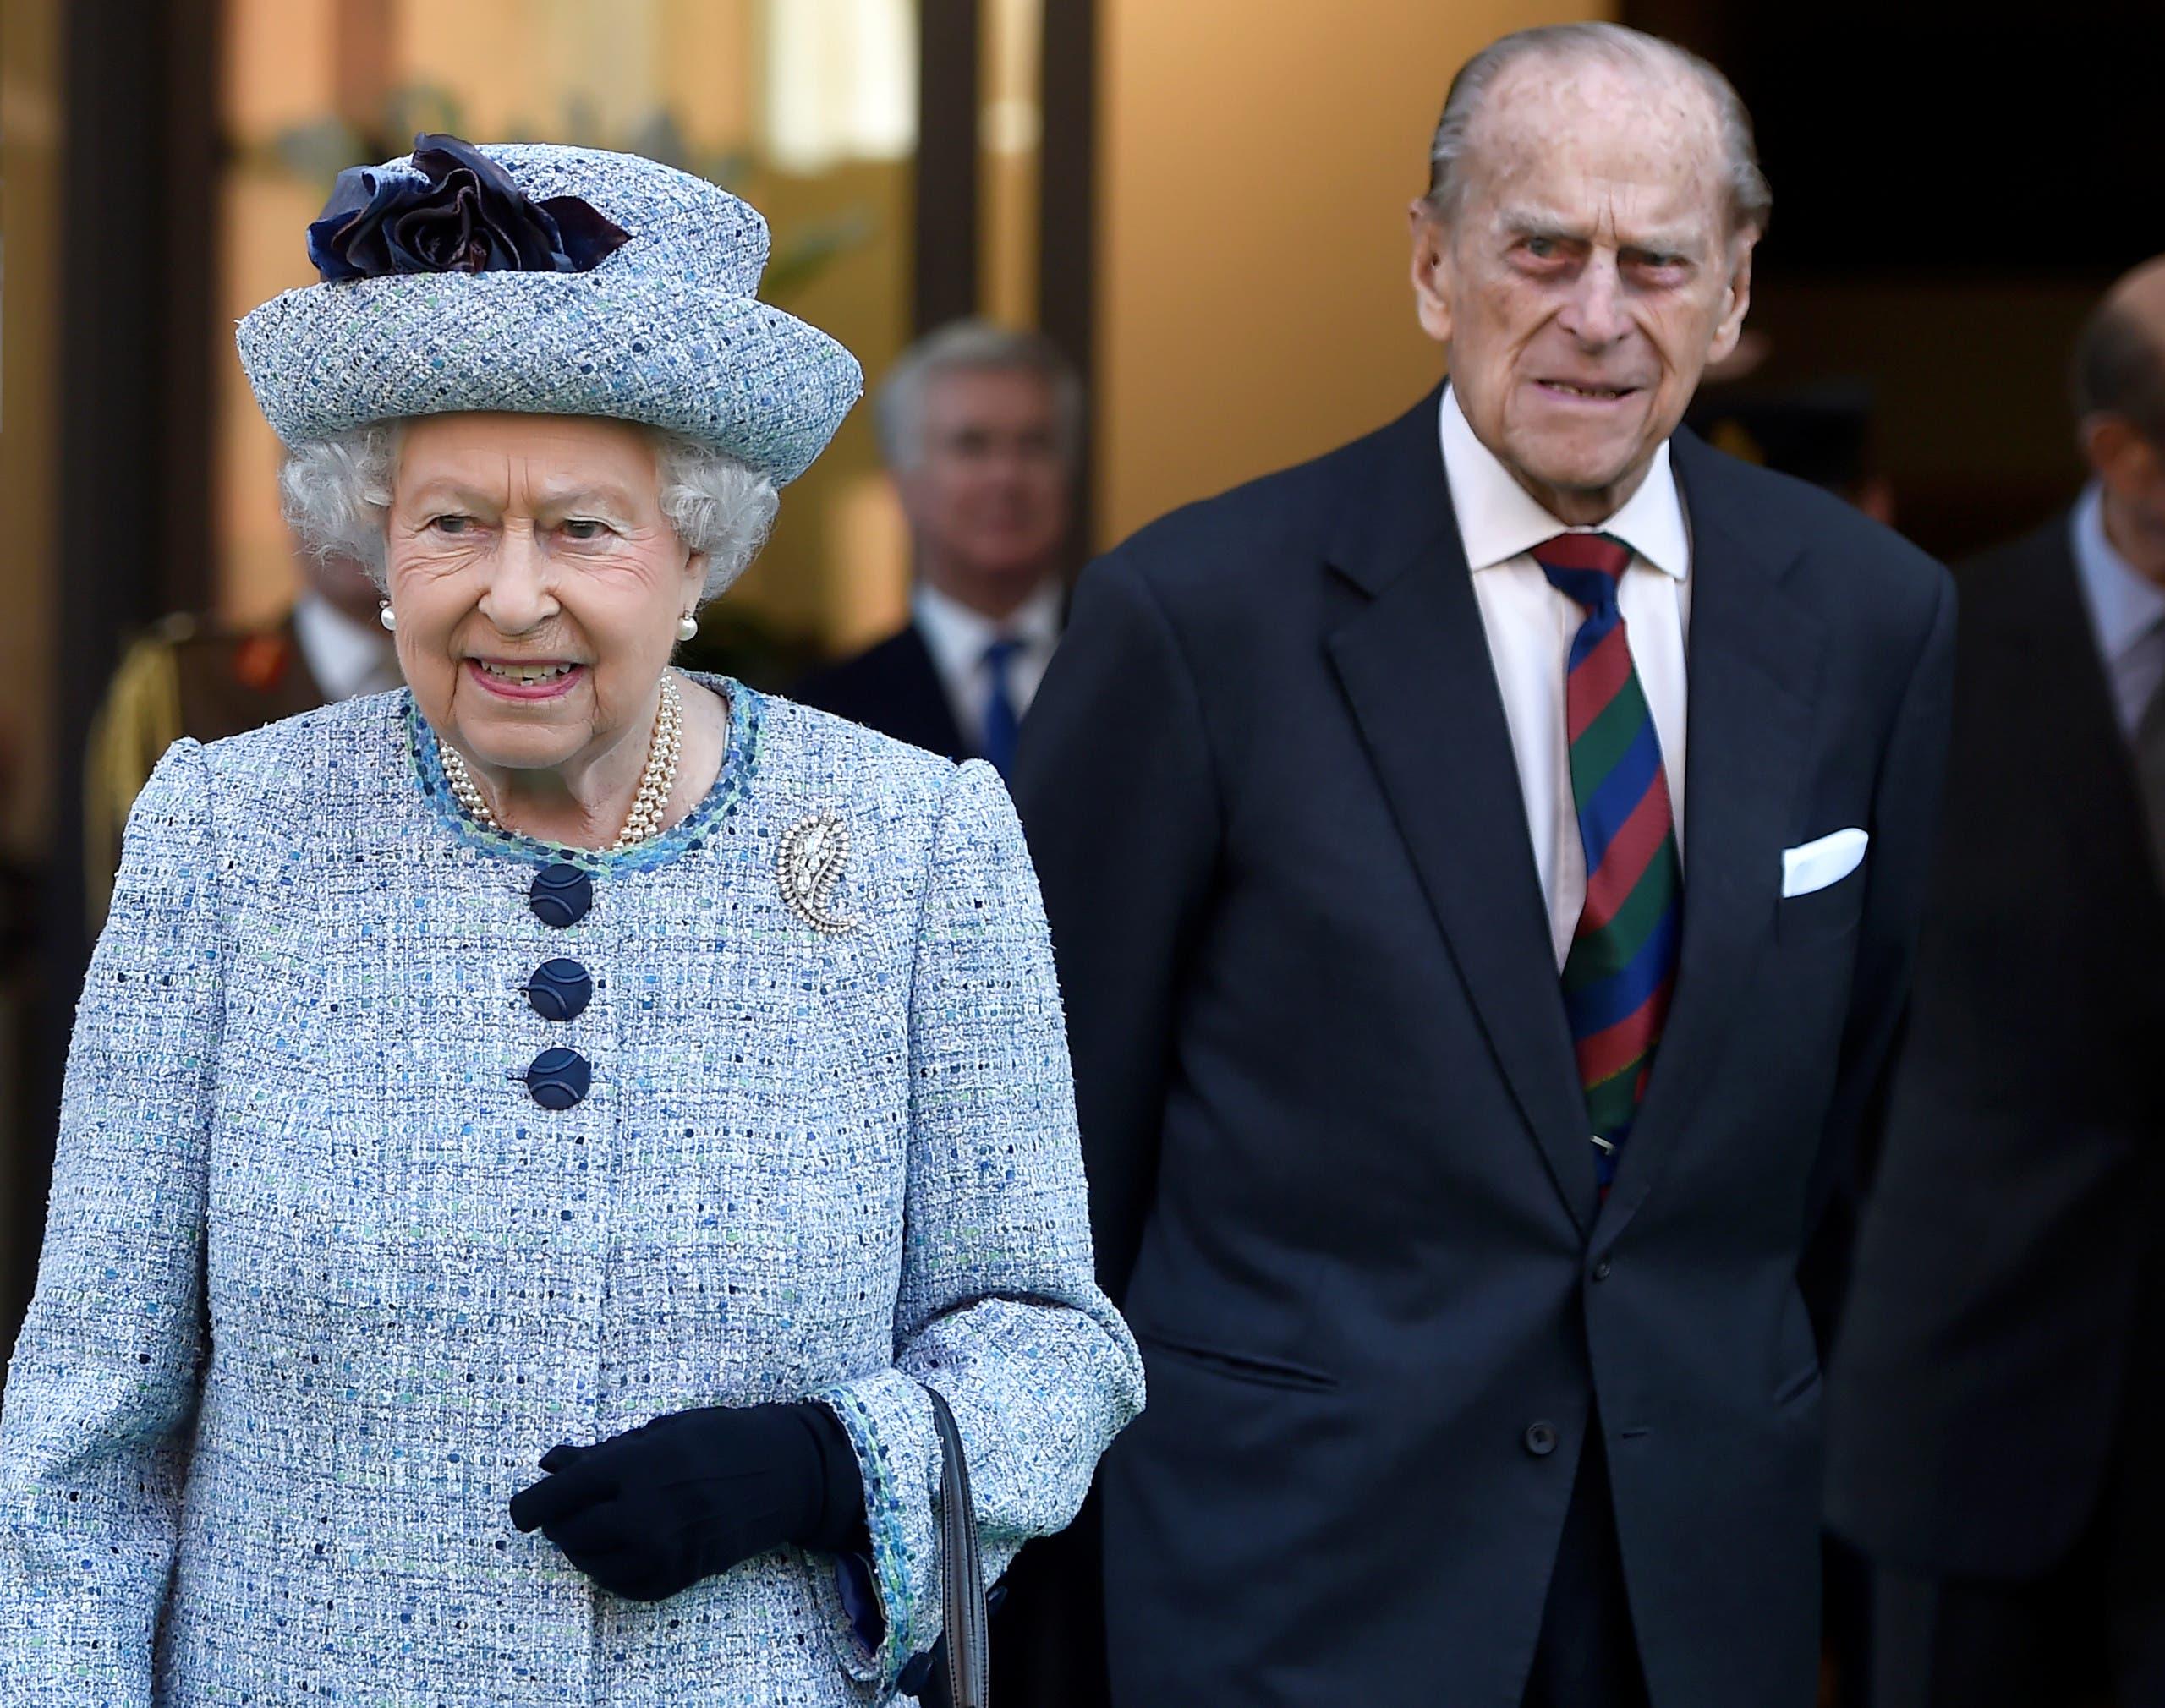 الملكة إليزابيث الثانية وزوجها الأمير فيليب